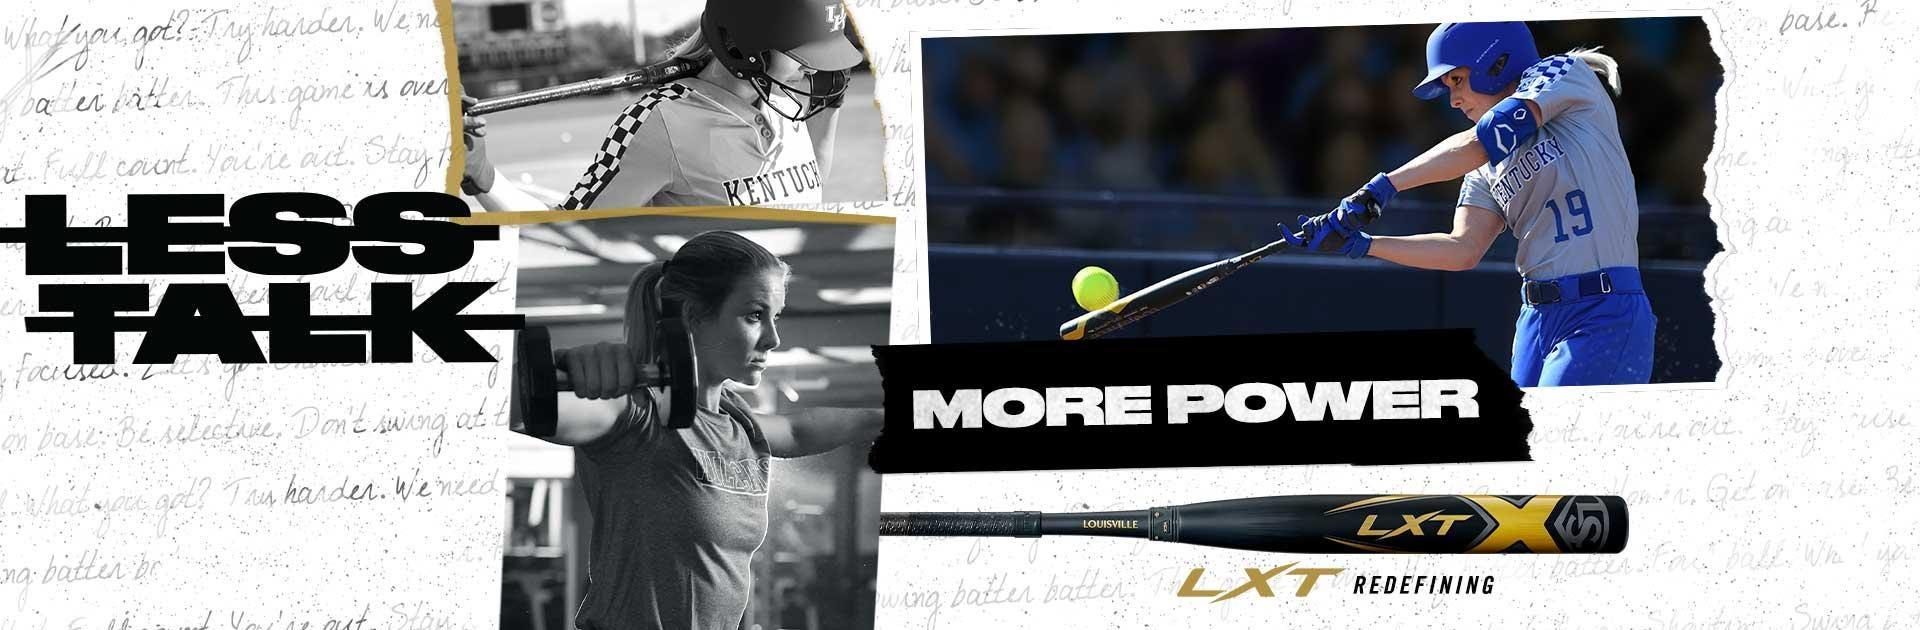 Louisville Slugger LXT Fastpitch Softball Bats | Less Talk. More Power.